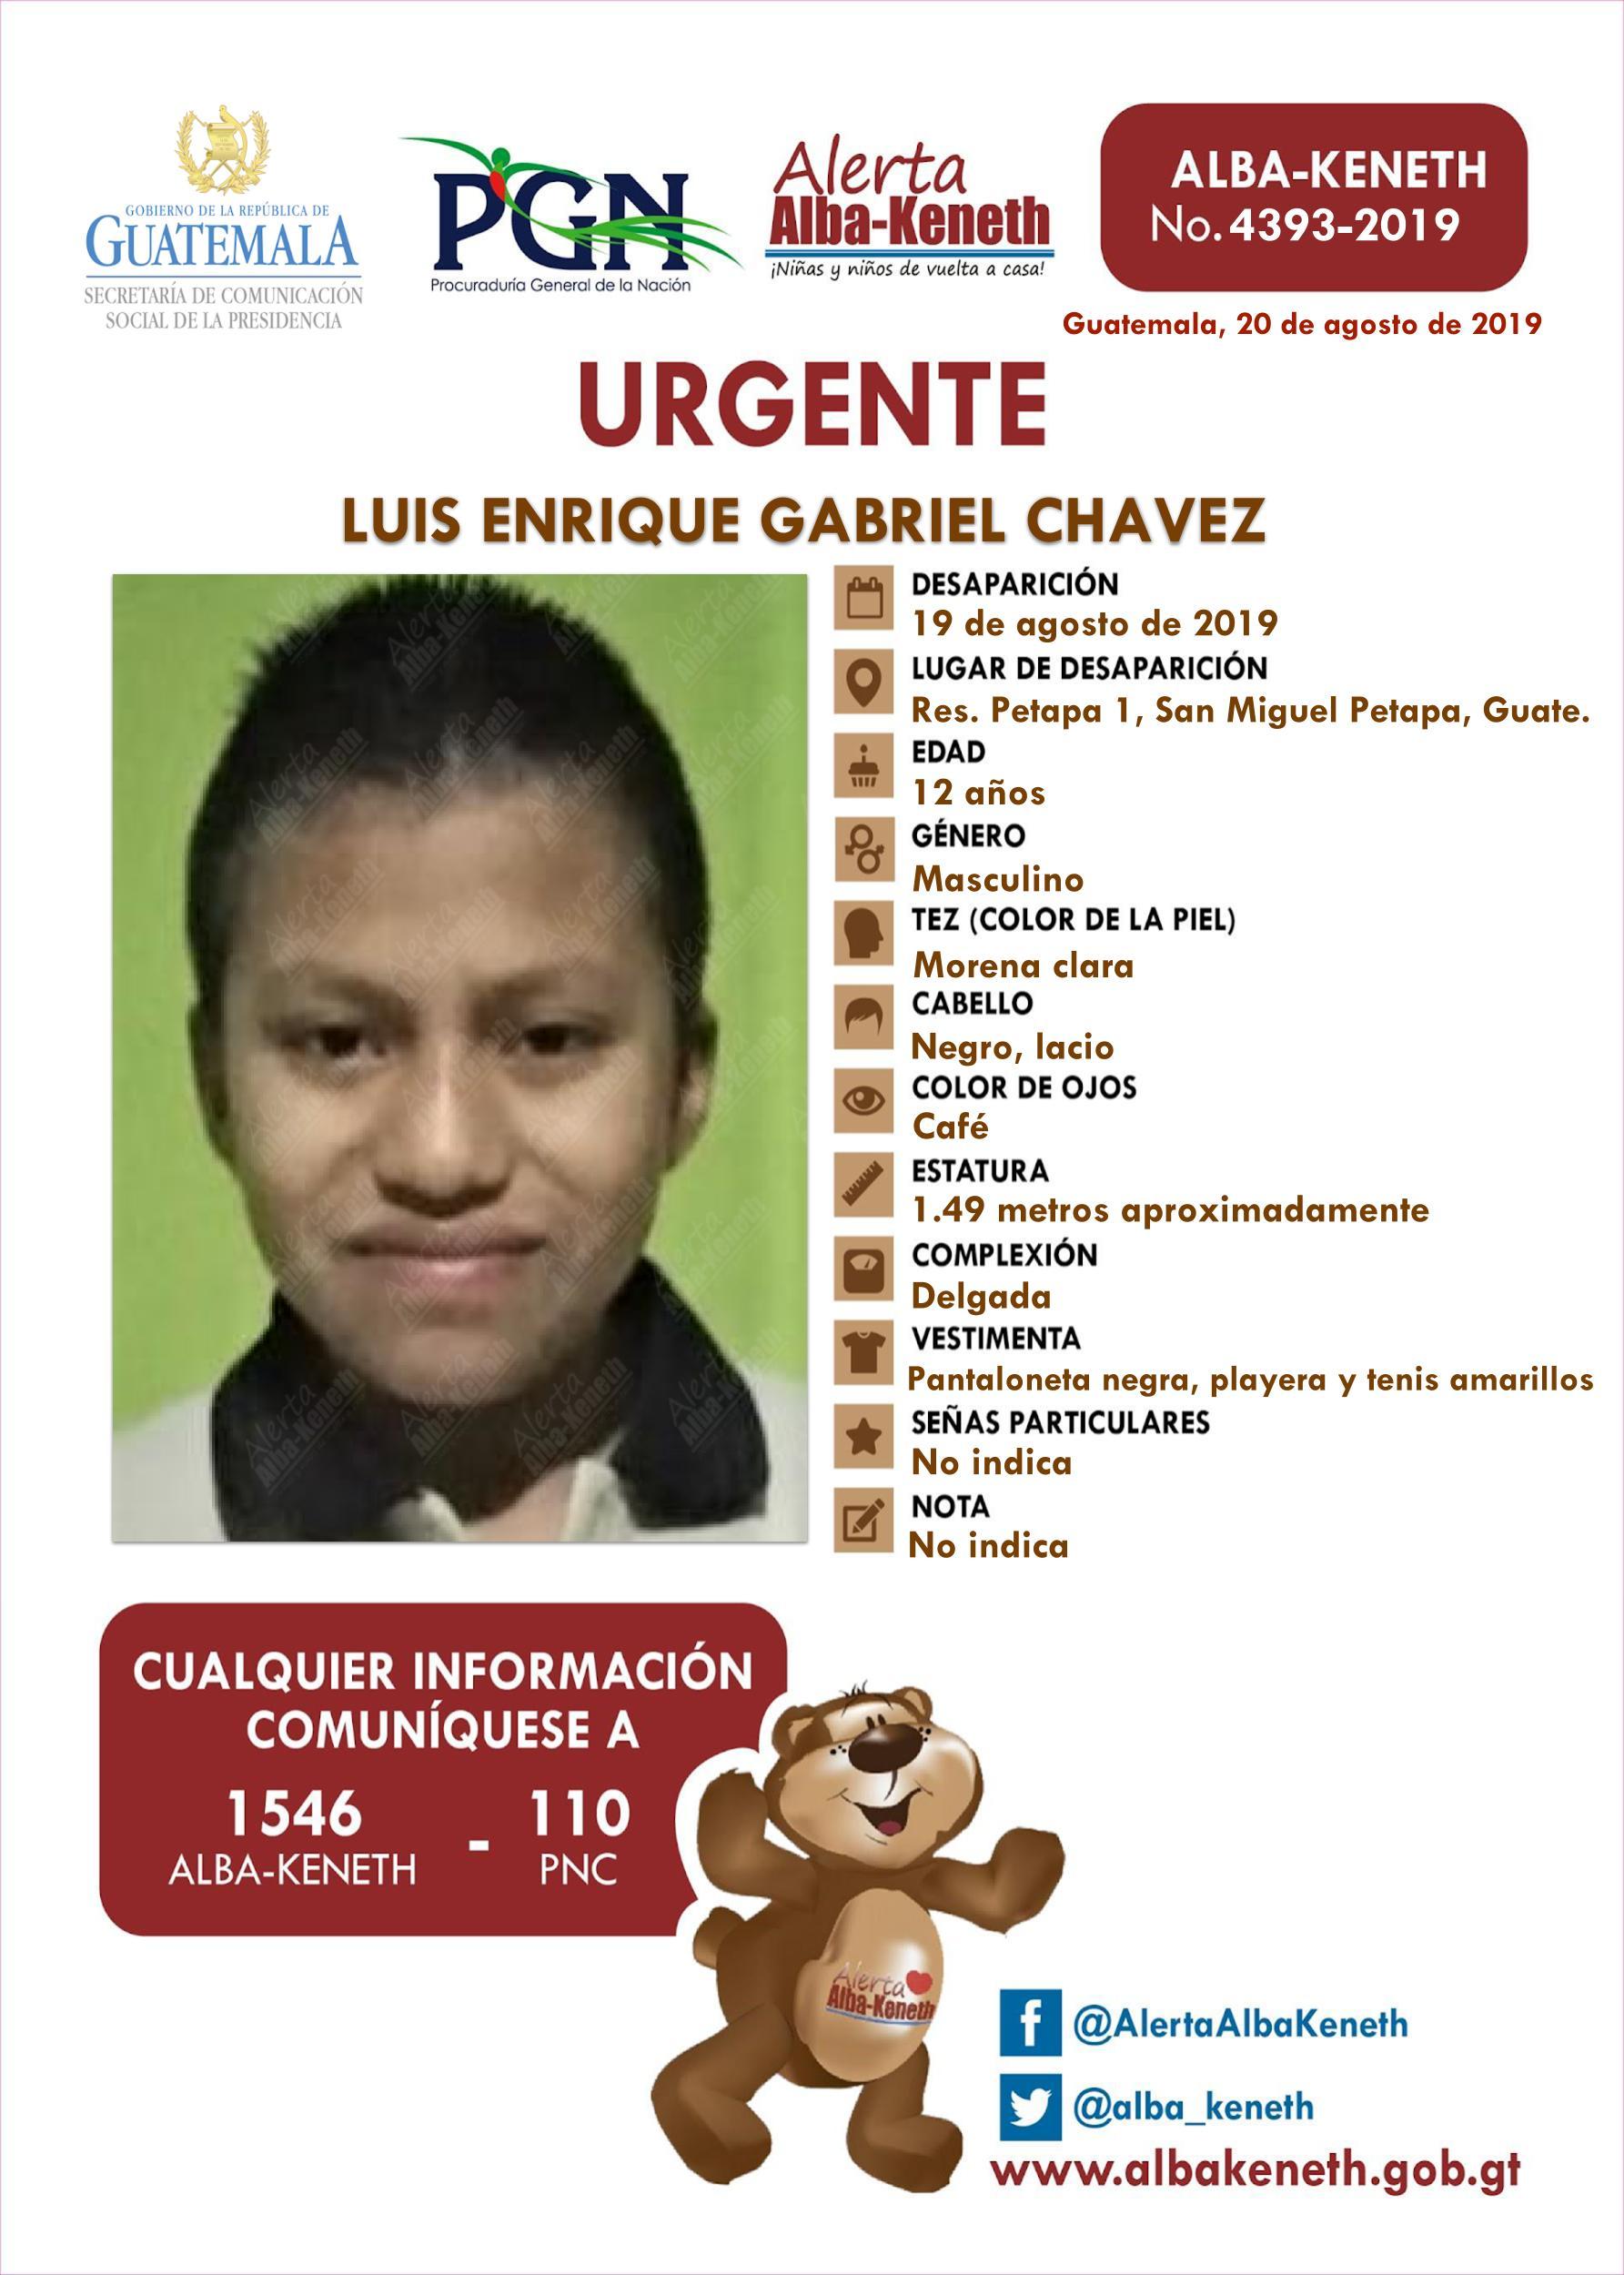 Luis Enrique Gabriel Chavez